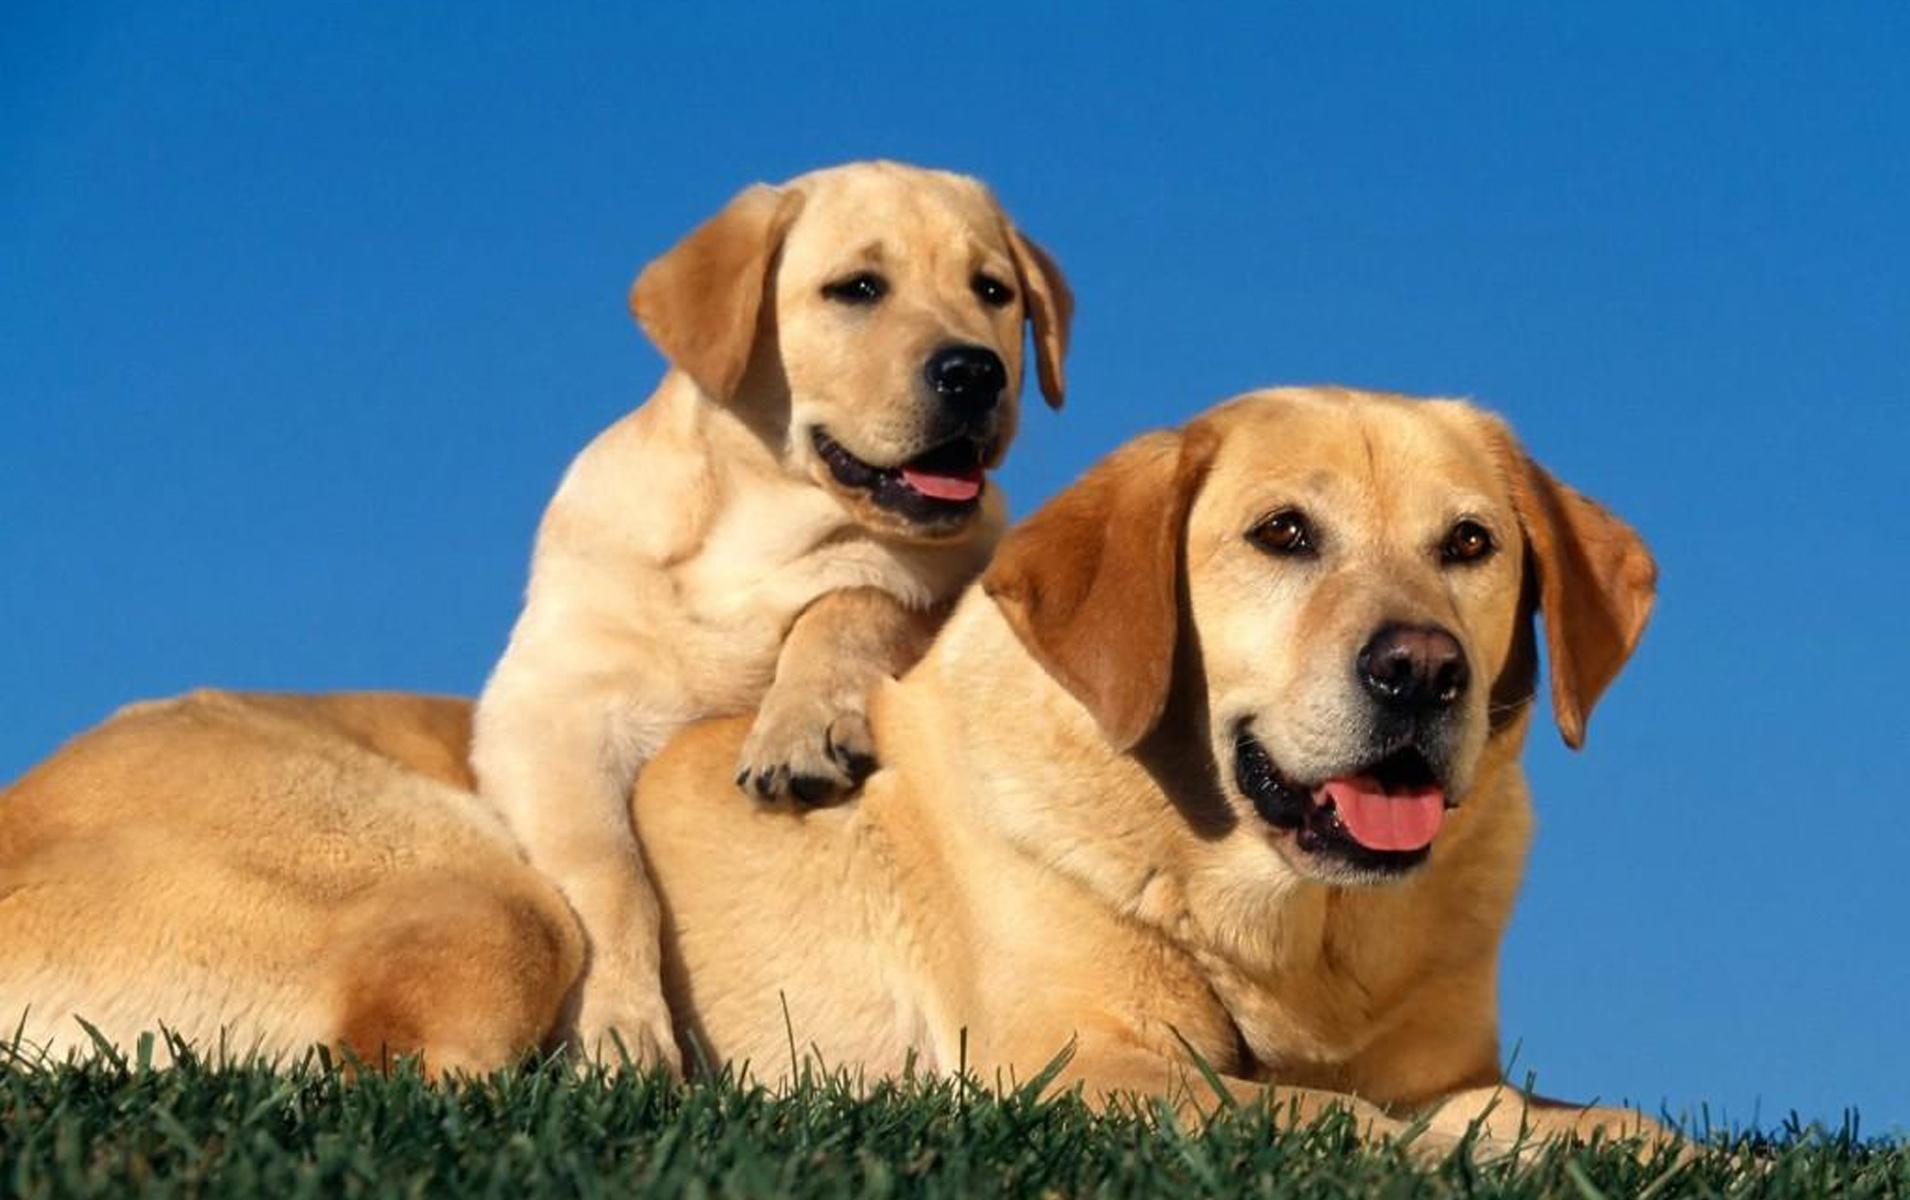 57528 скачать обои Животные, Собаки, Лабрадоры, Пара, Детеныш, Щенок, Забота - заставки и картинки бесплатно